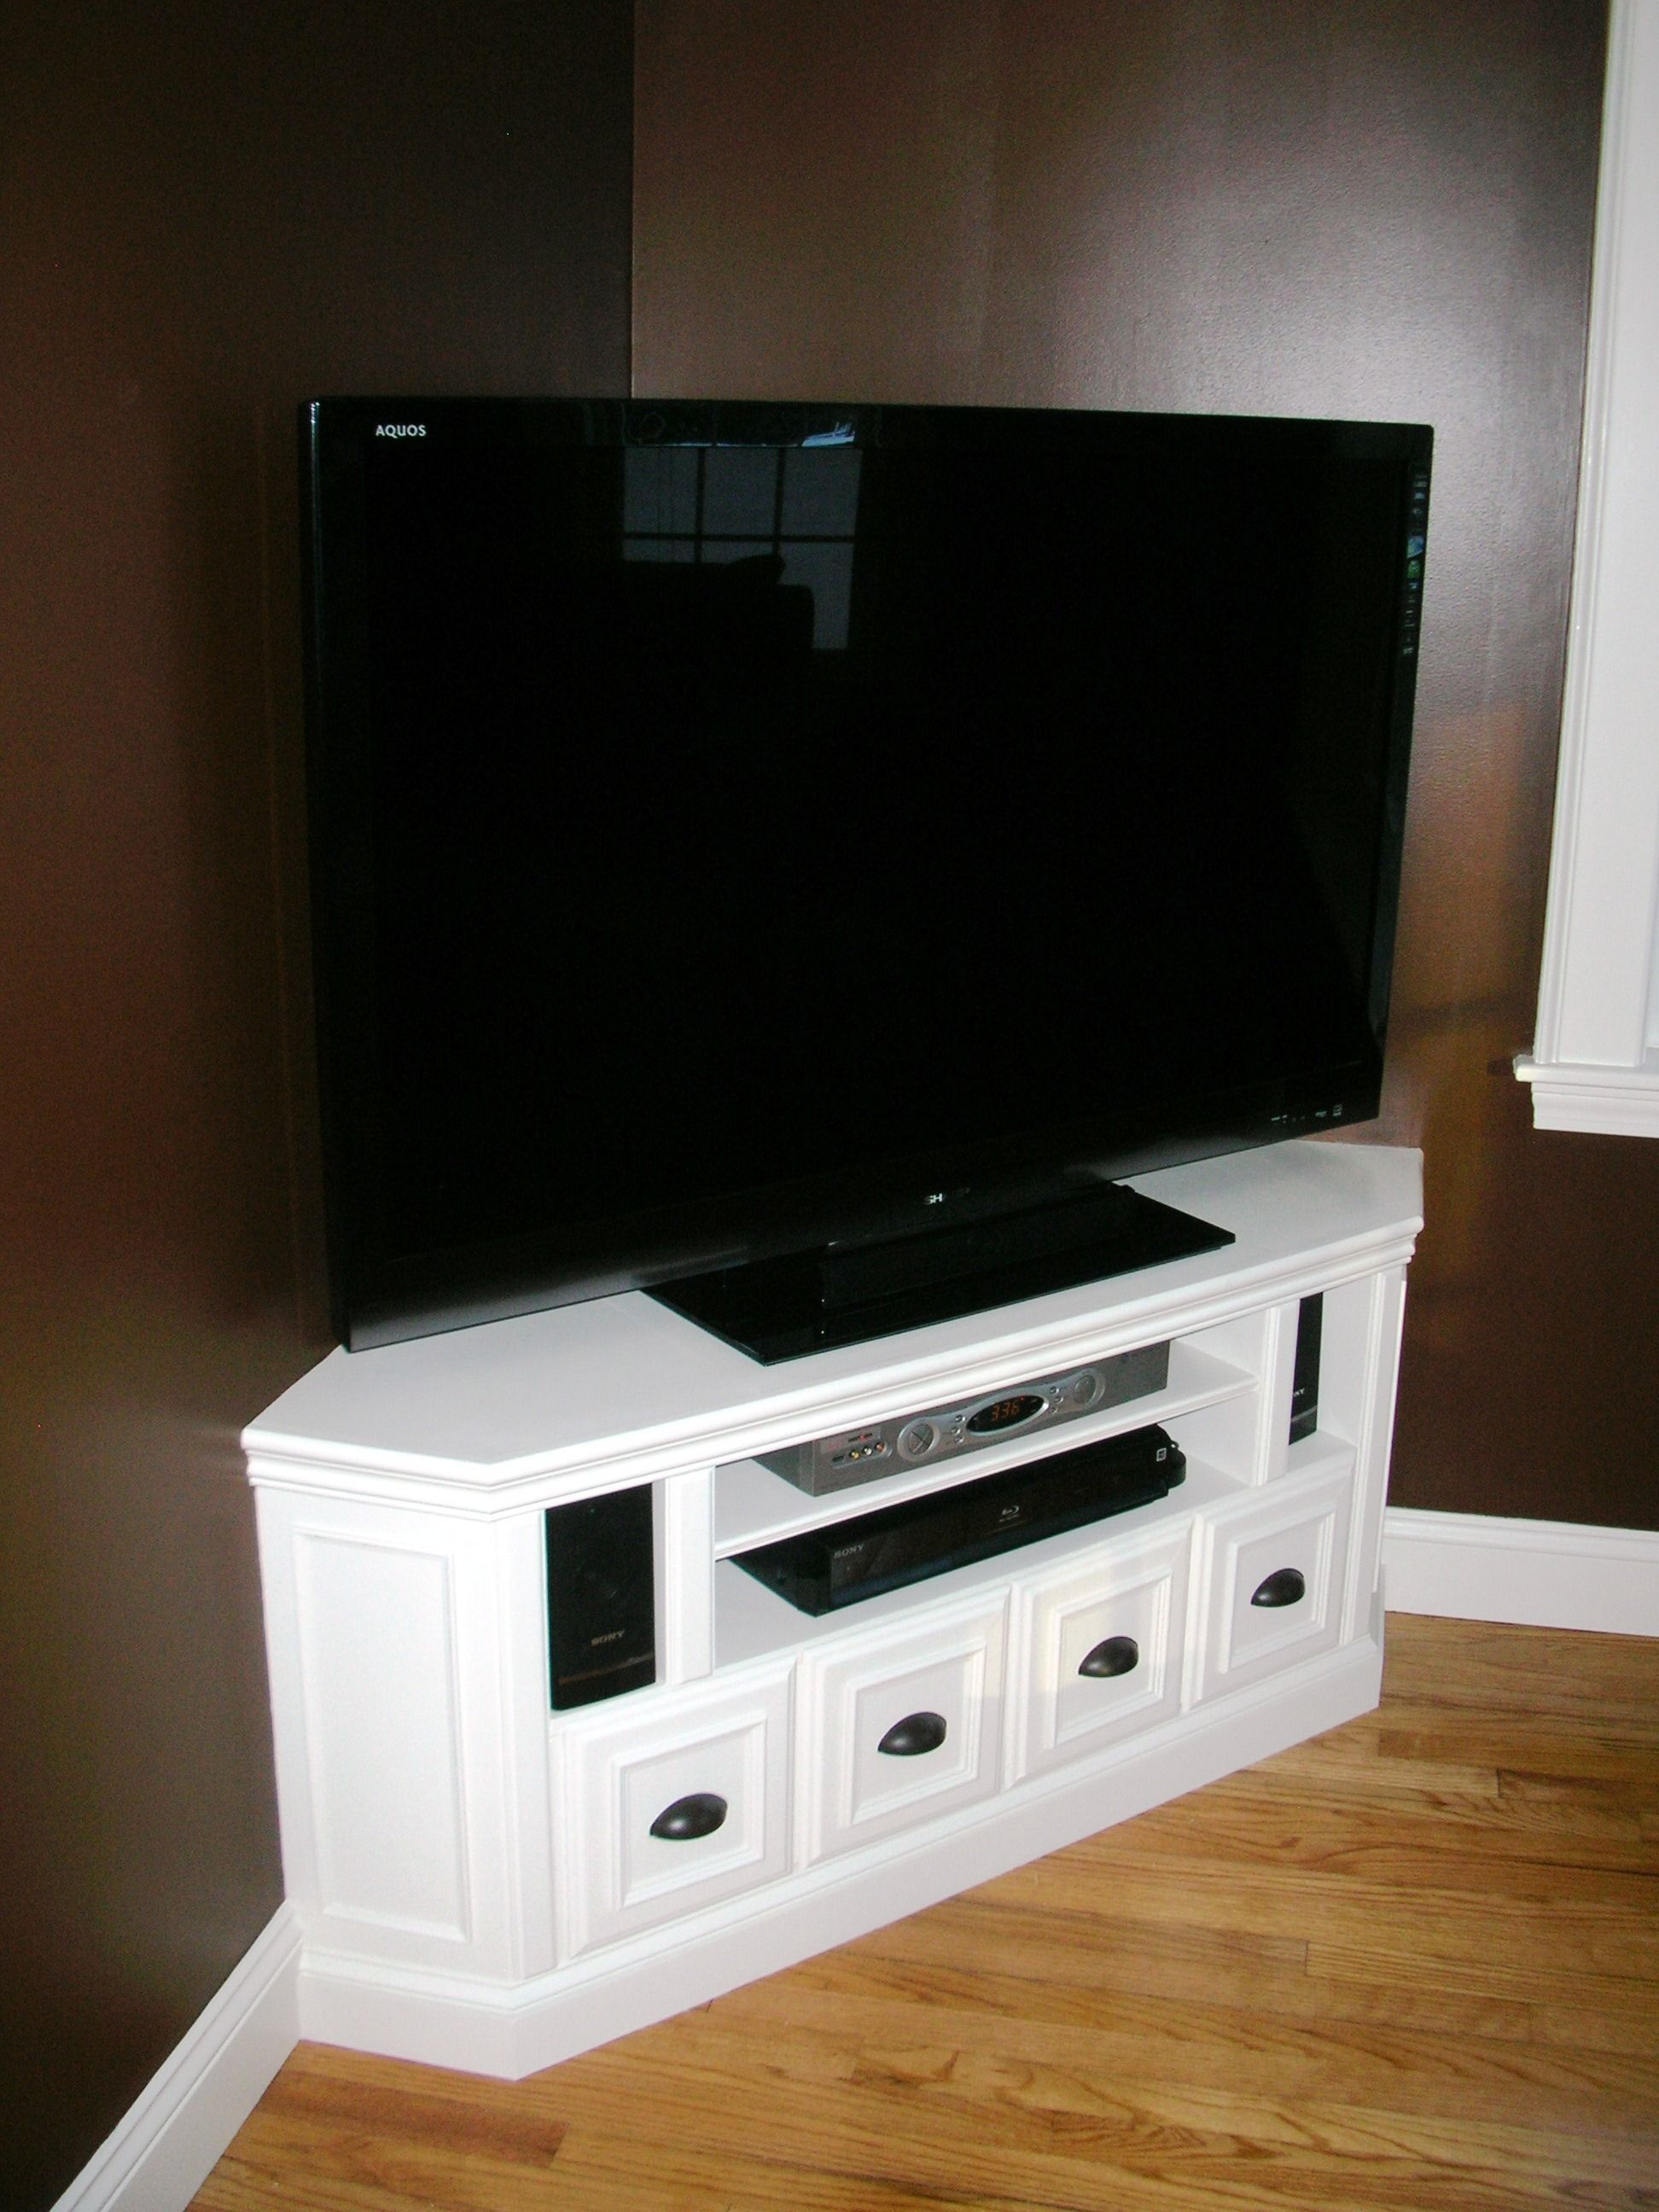 Meuble Tv Pour Coin table de coin pour tele | meuble tv en coin, meuble de coin